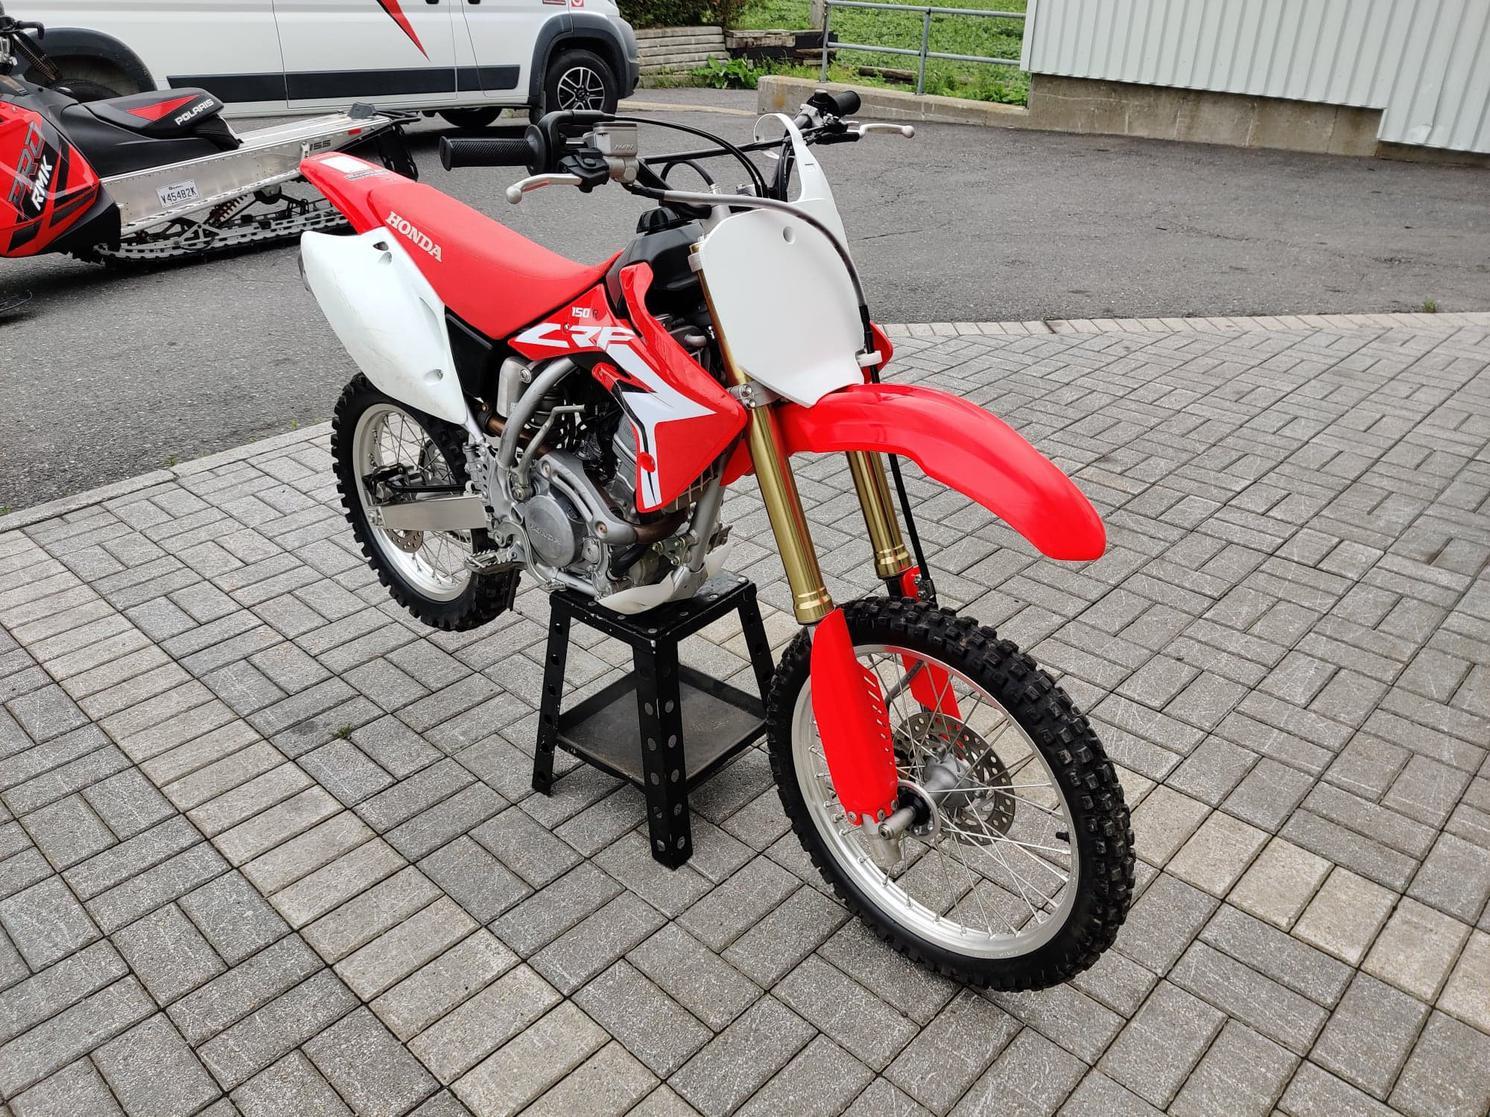 2019 Honda CRF 150 R